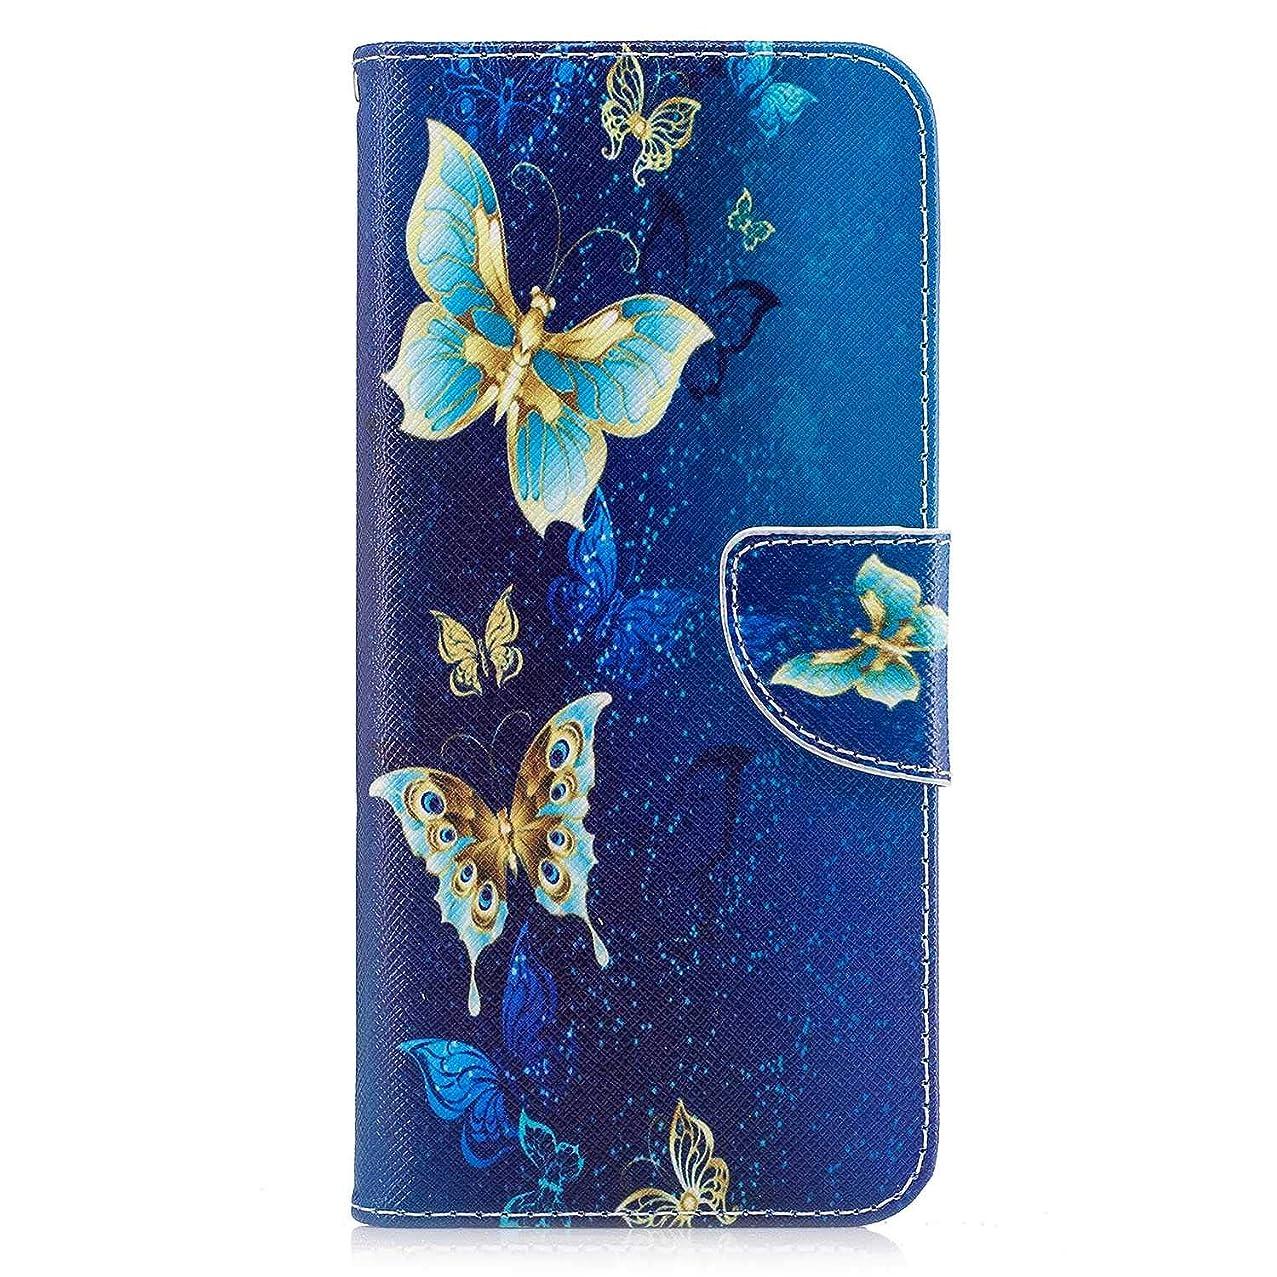 スズメバチ種をまくルートOMATENTI Galaxy S8 Plus ケース, ファッション人気 PUレザー 手帳 軽量 電話ケース 耐衝撃性 落下防止 薄型 スマホケースザー 付きスタンド機能, マグネット開閉式 そしてカード収納 Galaxy S8 Plus 用 Case Cover, バタフライ-4